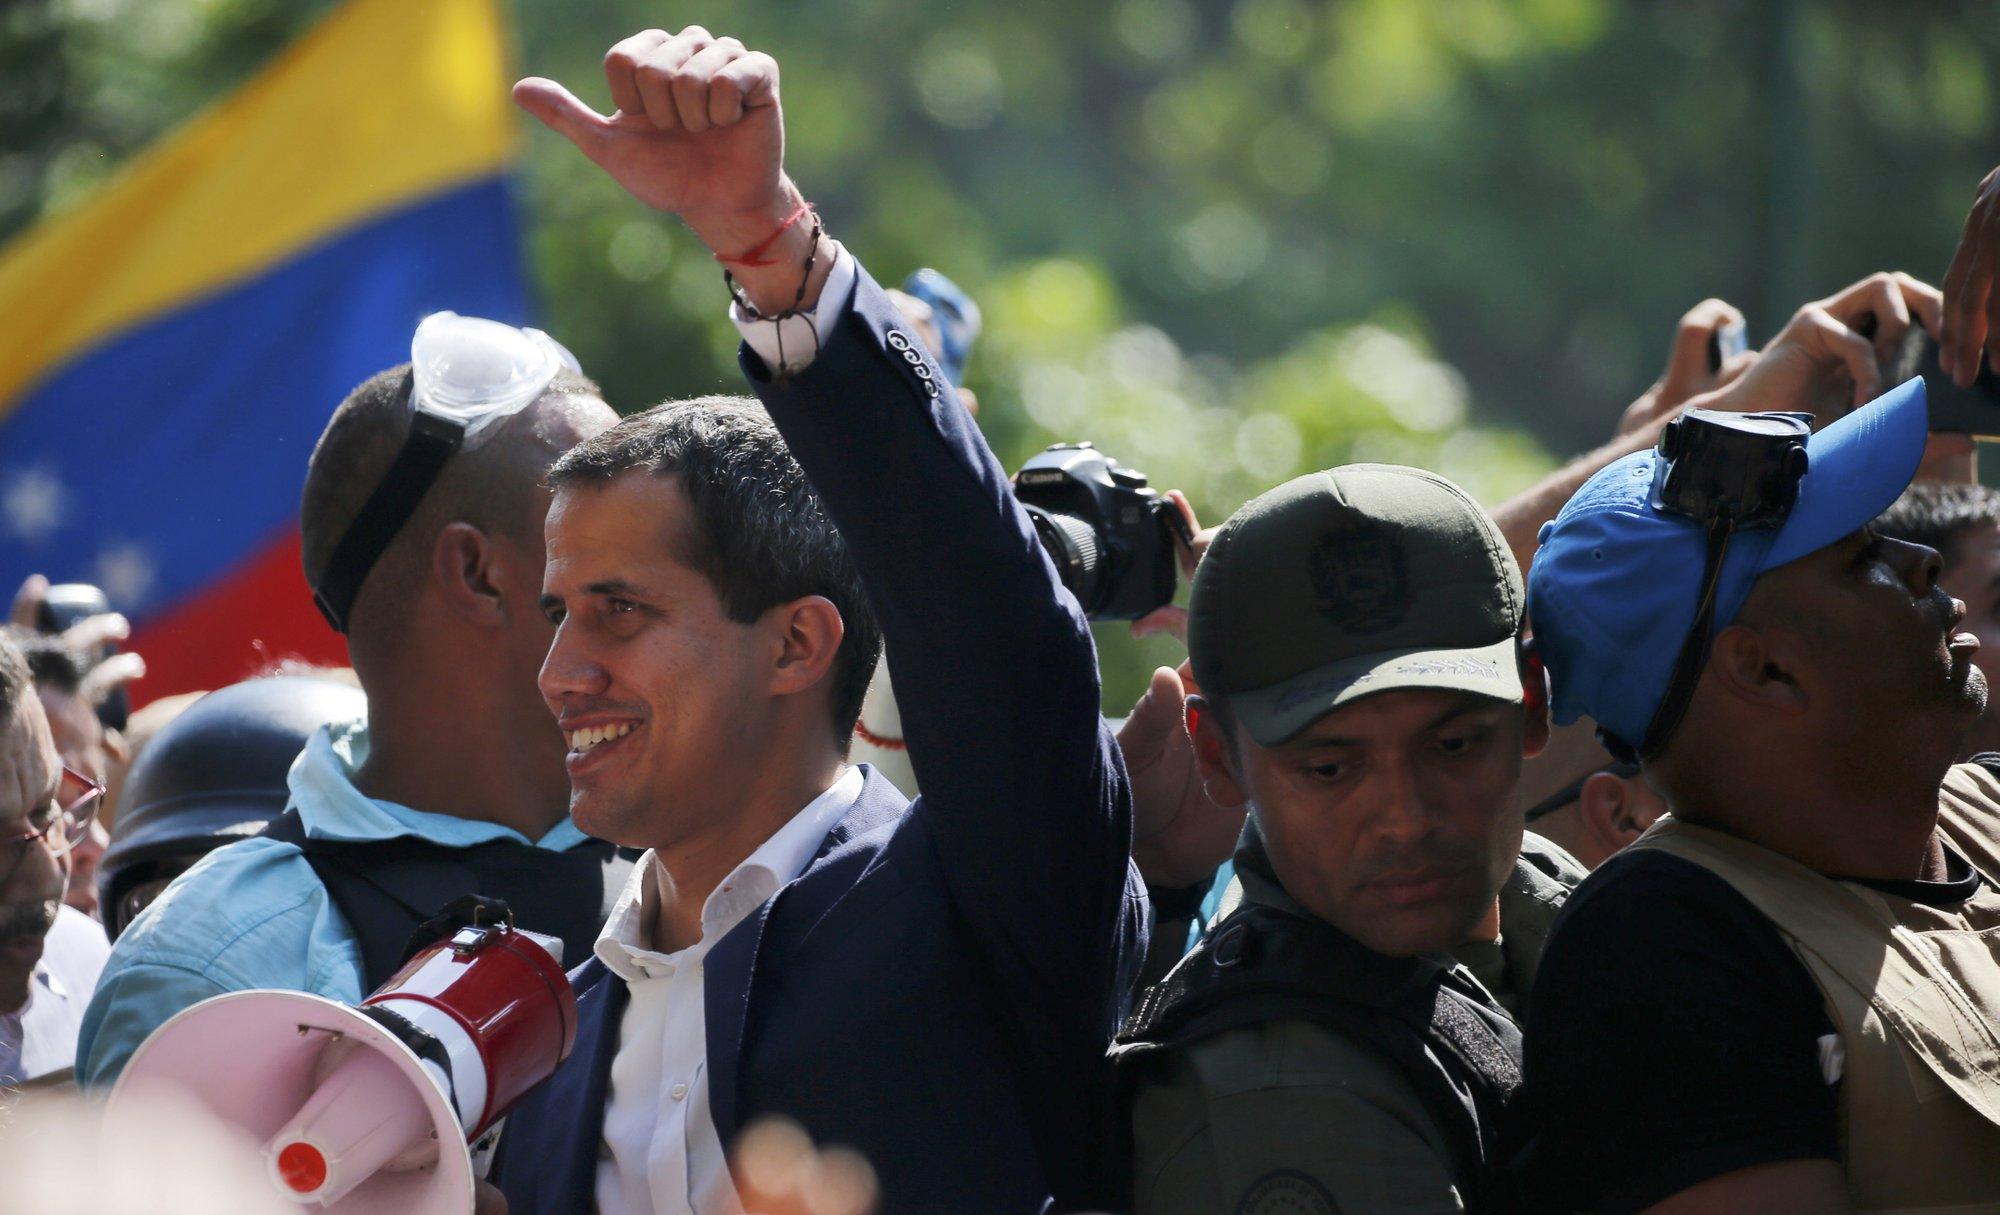 URGENTE: GUAIDO PEDE PARA QUE OS PROTESTOS CONTINUEM AMANHÃ